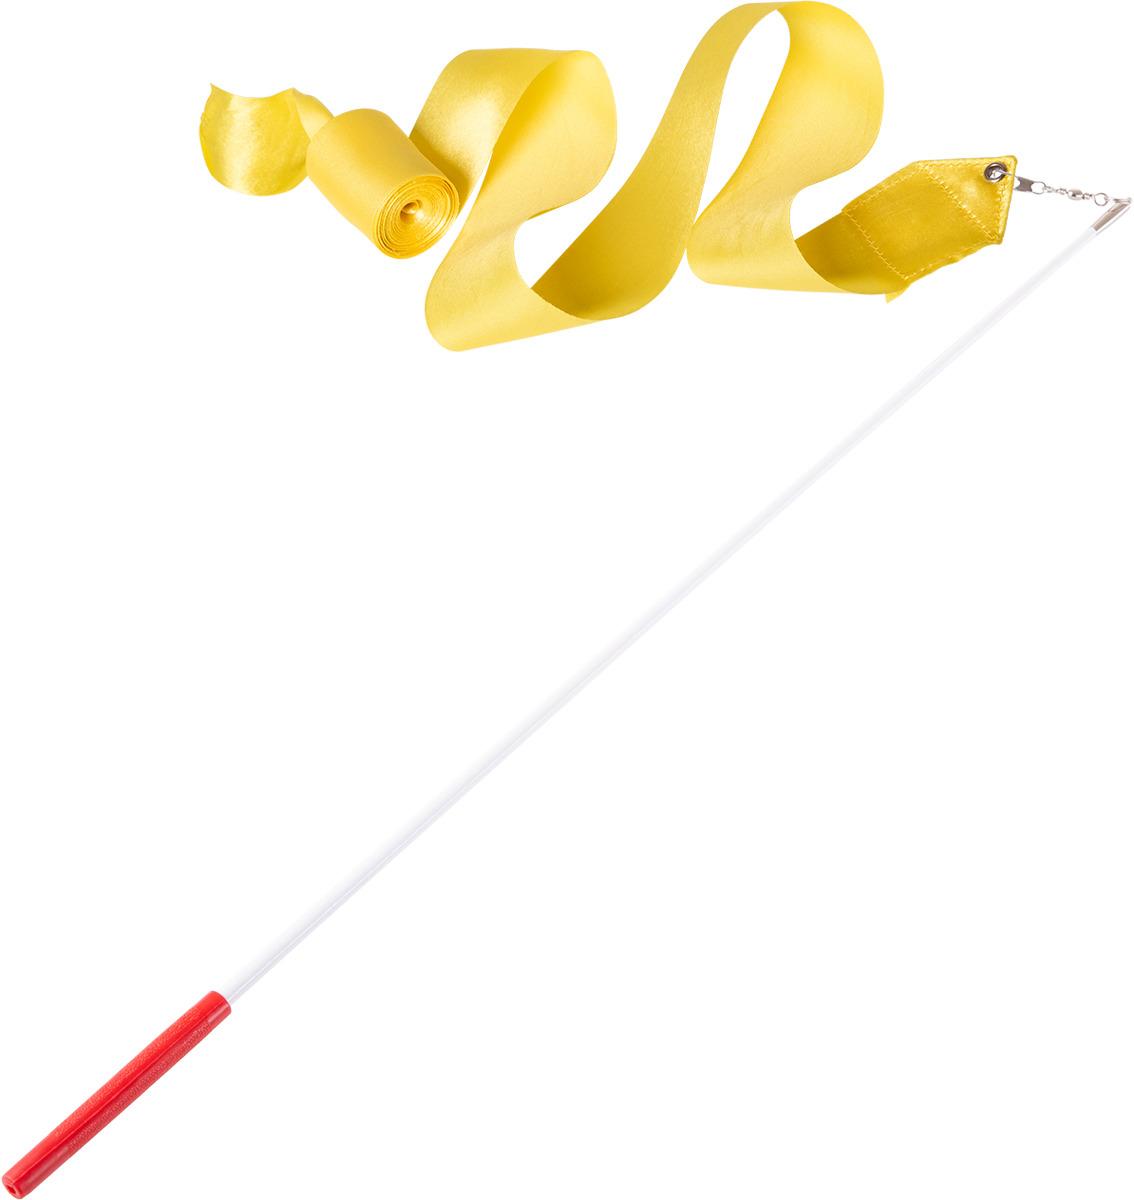 Лента для художественной гимнастики Amely AGR-201, длина 4 м, с палочкой 46 см, цвет: желтый лонгслив для гимнастики малыши